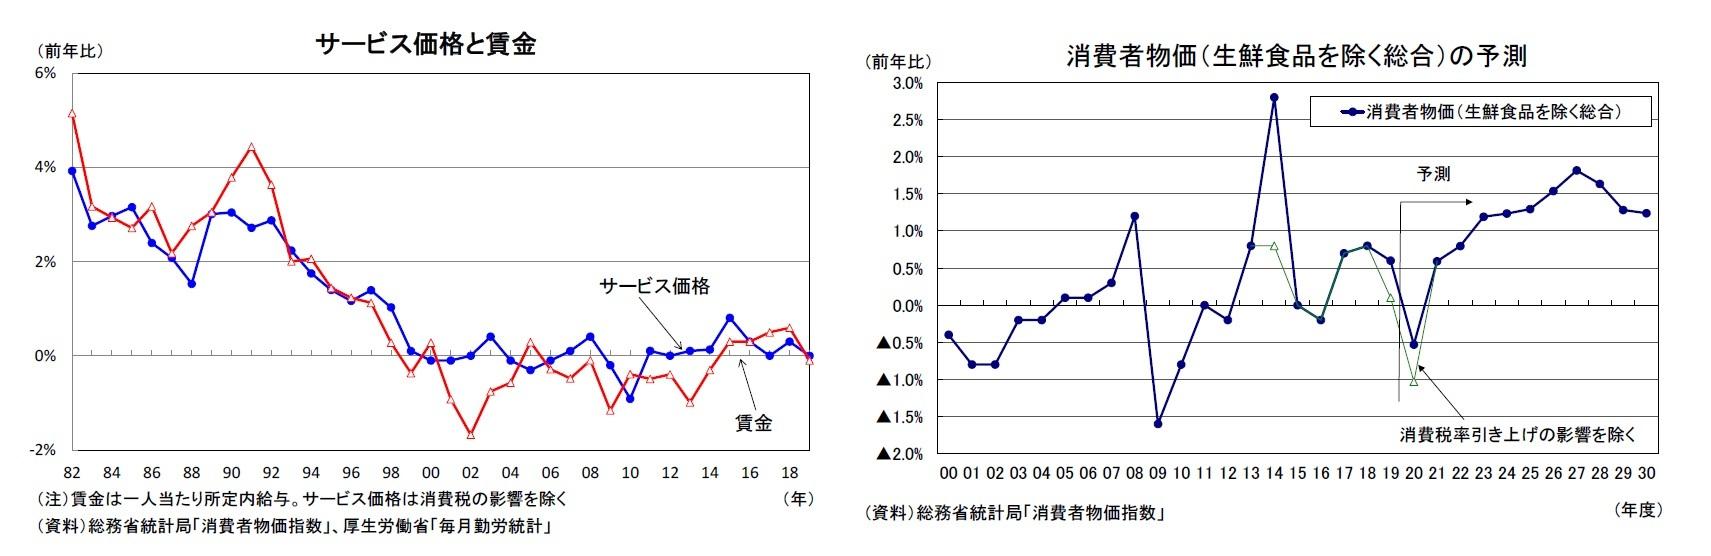 サービス価格と賃金/消費者物価(生鮮食品を除く総合)の予測